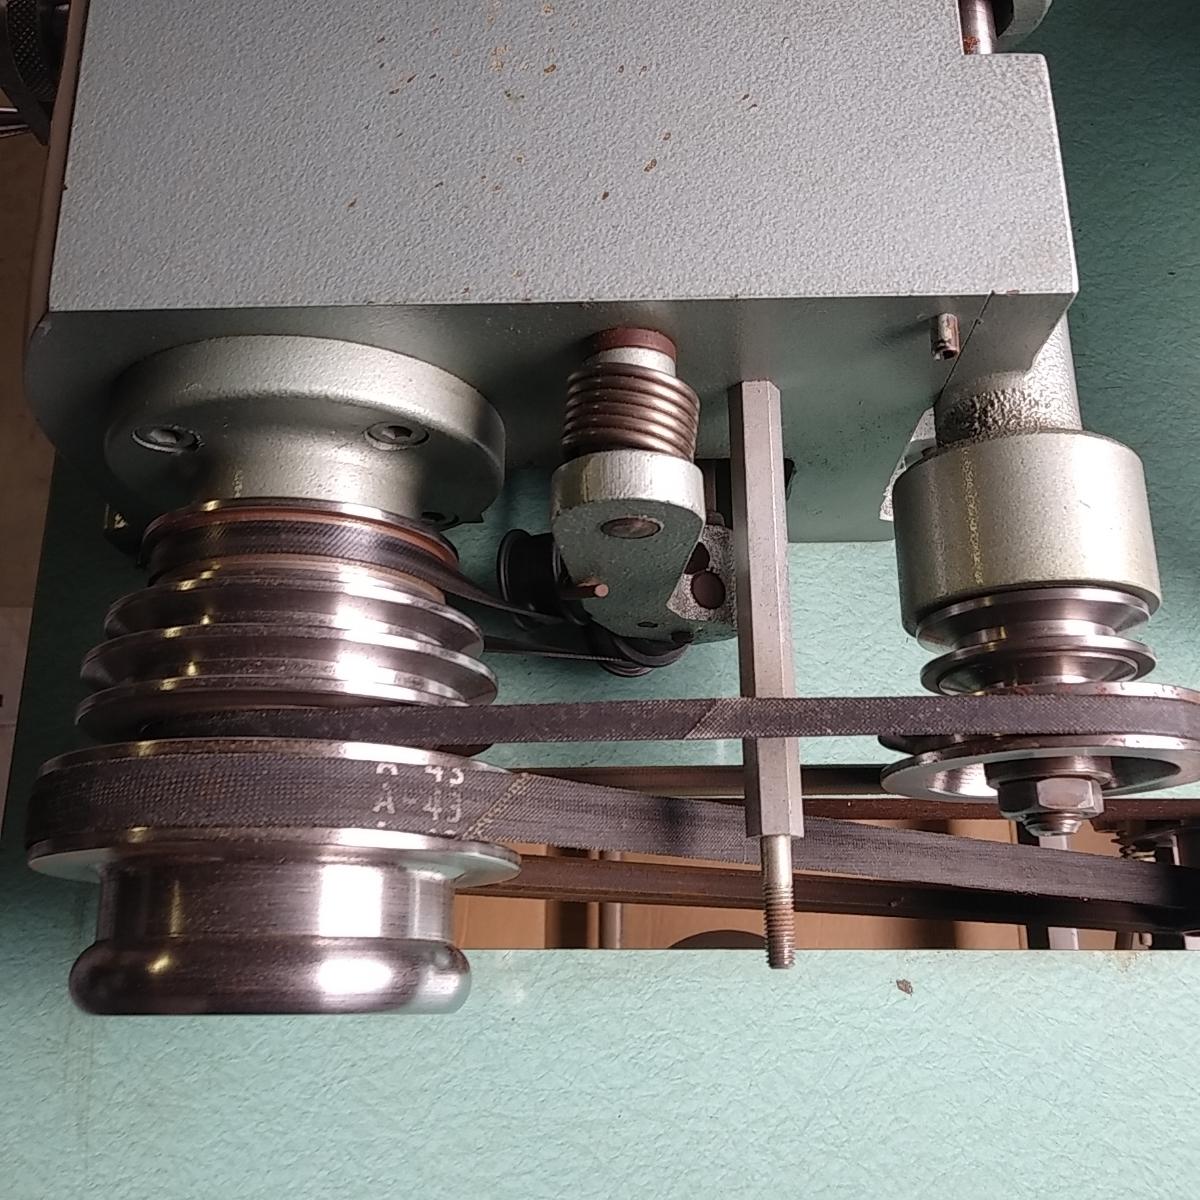 程度良しNIPPI NP2 革漉き機 実働品 整備済 保証有り_画像8